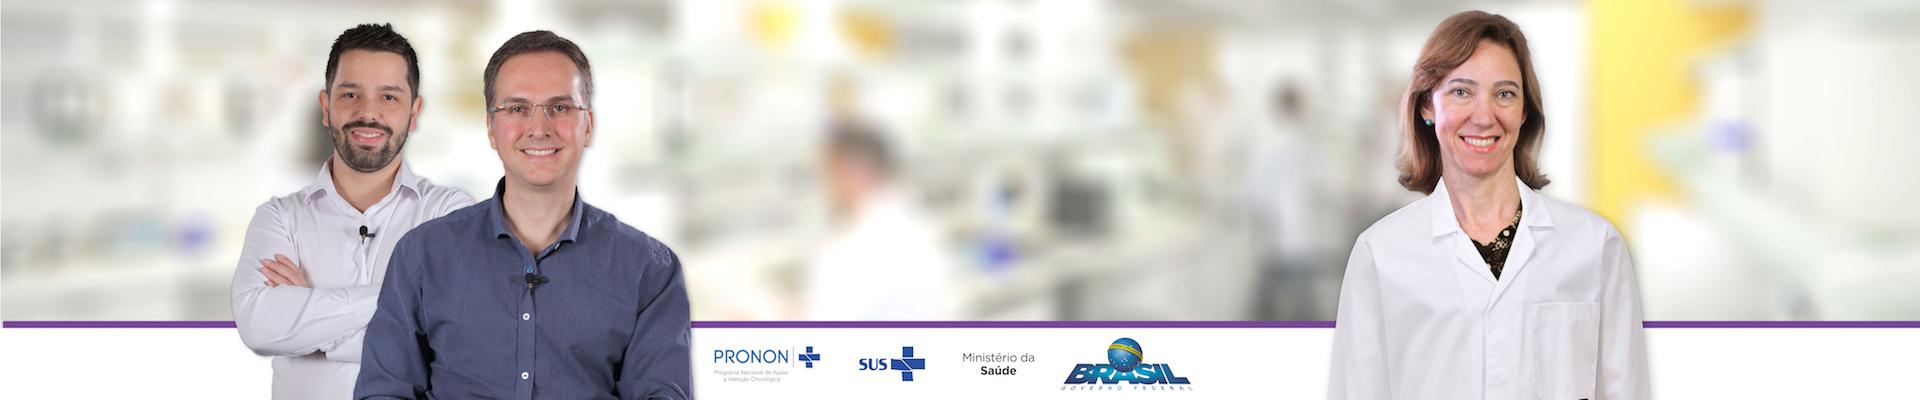 Banner farmacia 3